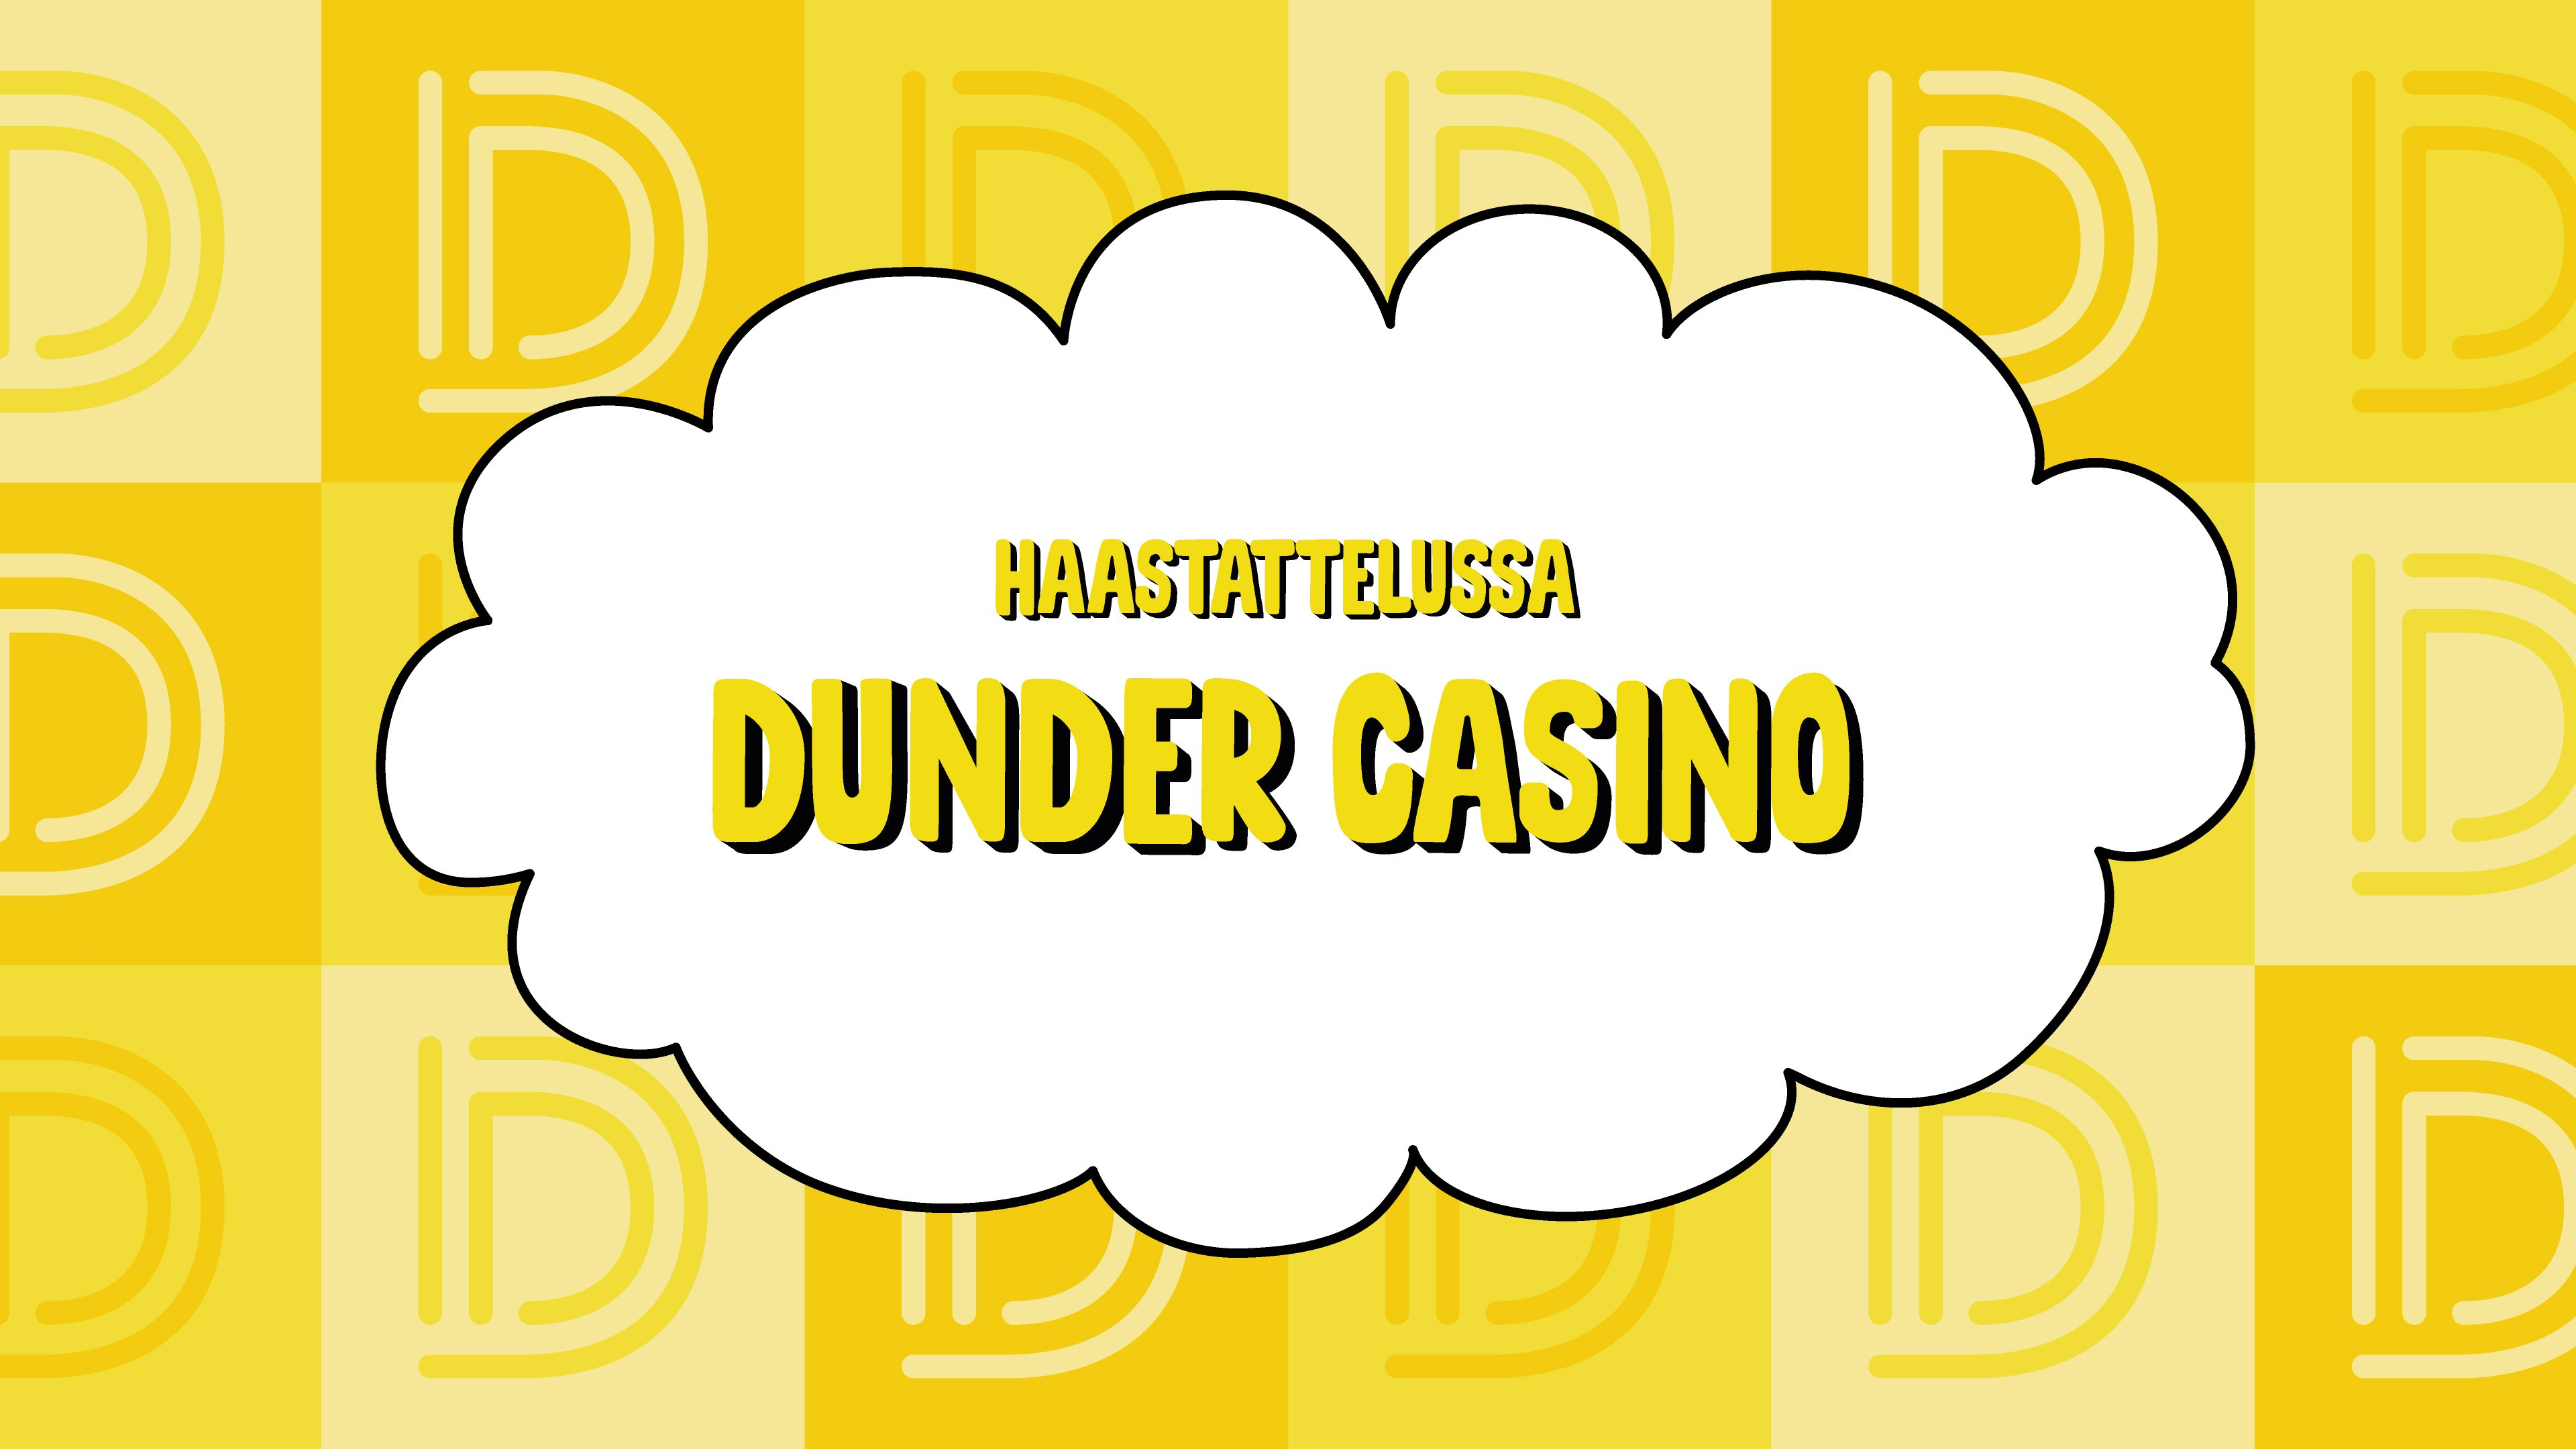 Haastattelussa Dunder